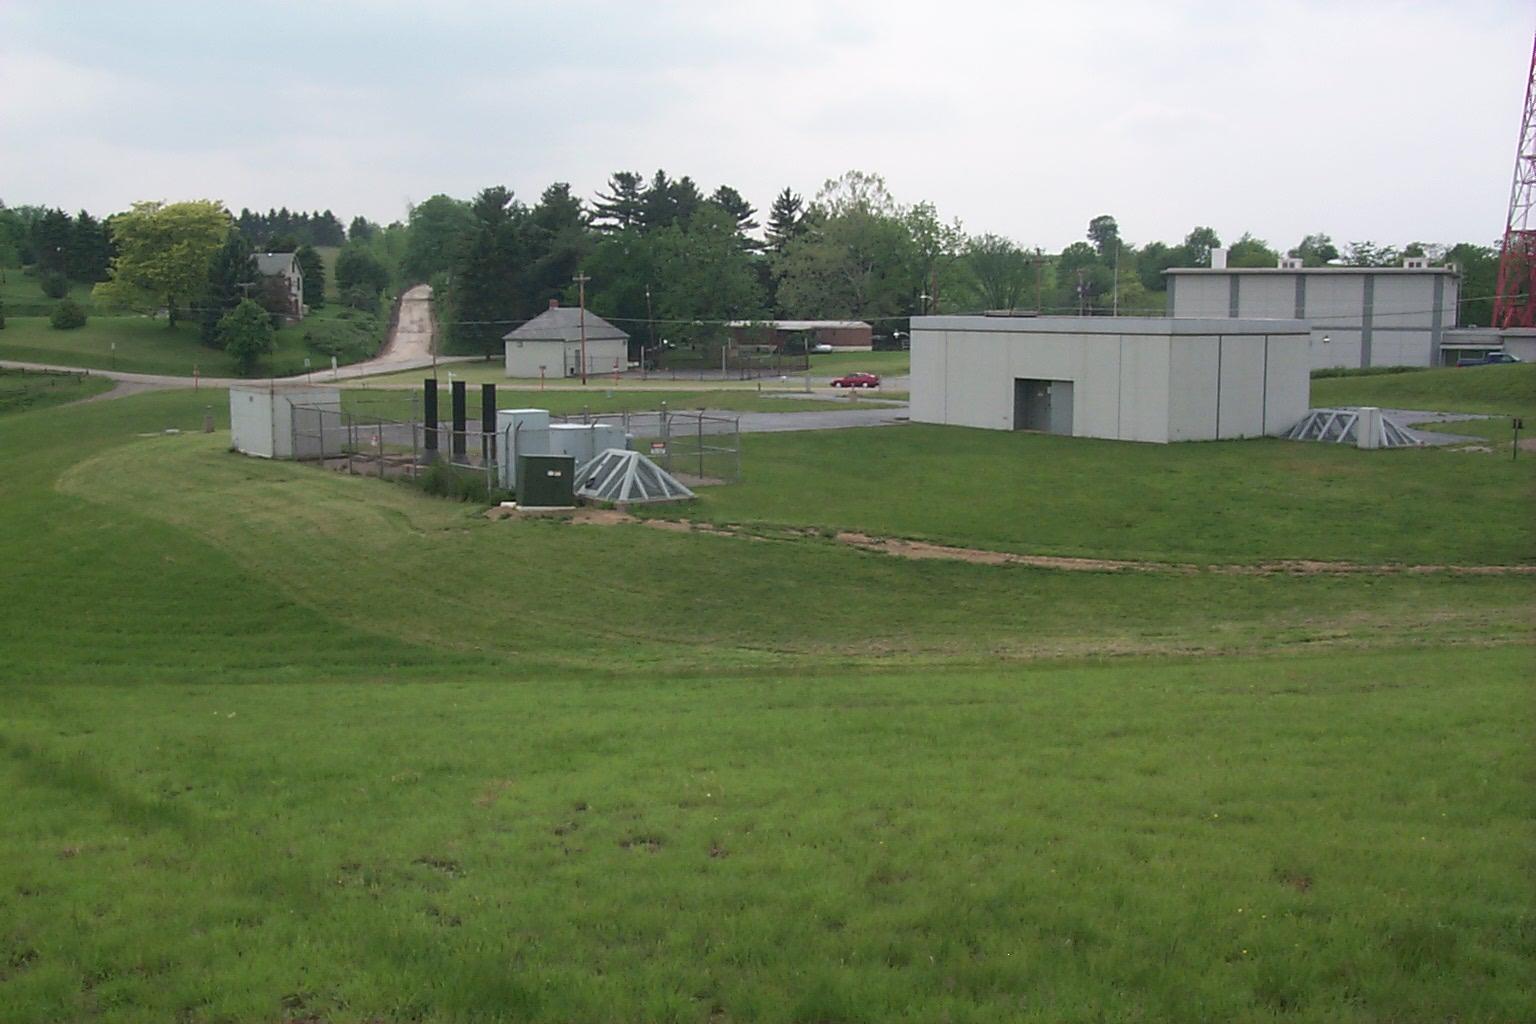 lillyville pa bunker